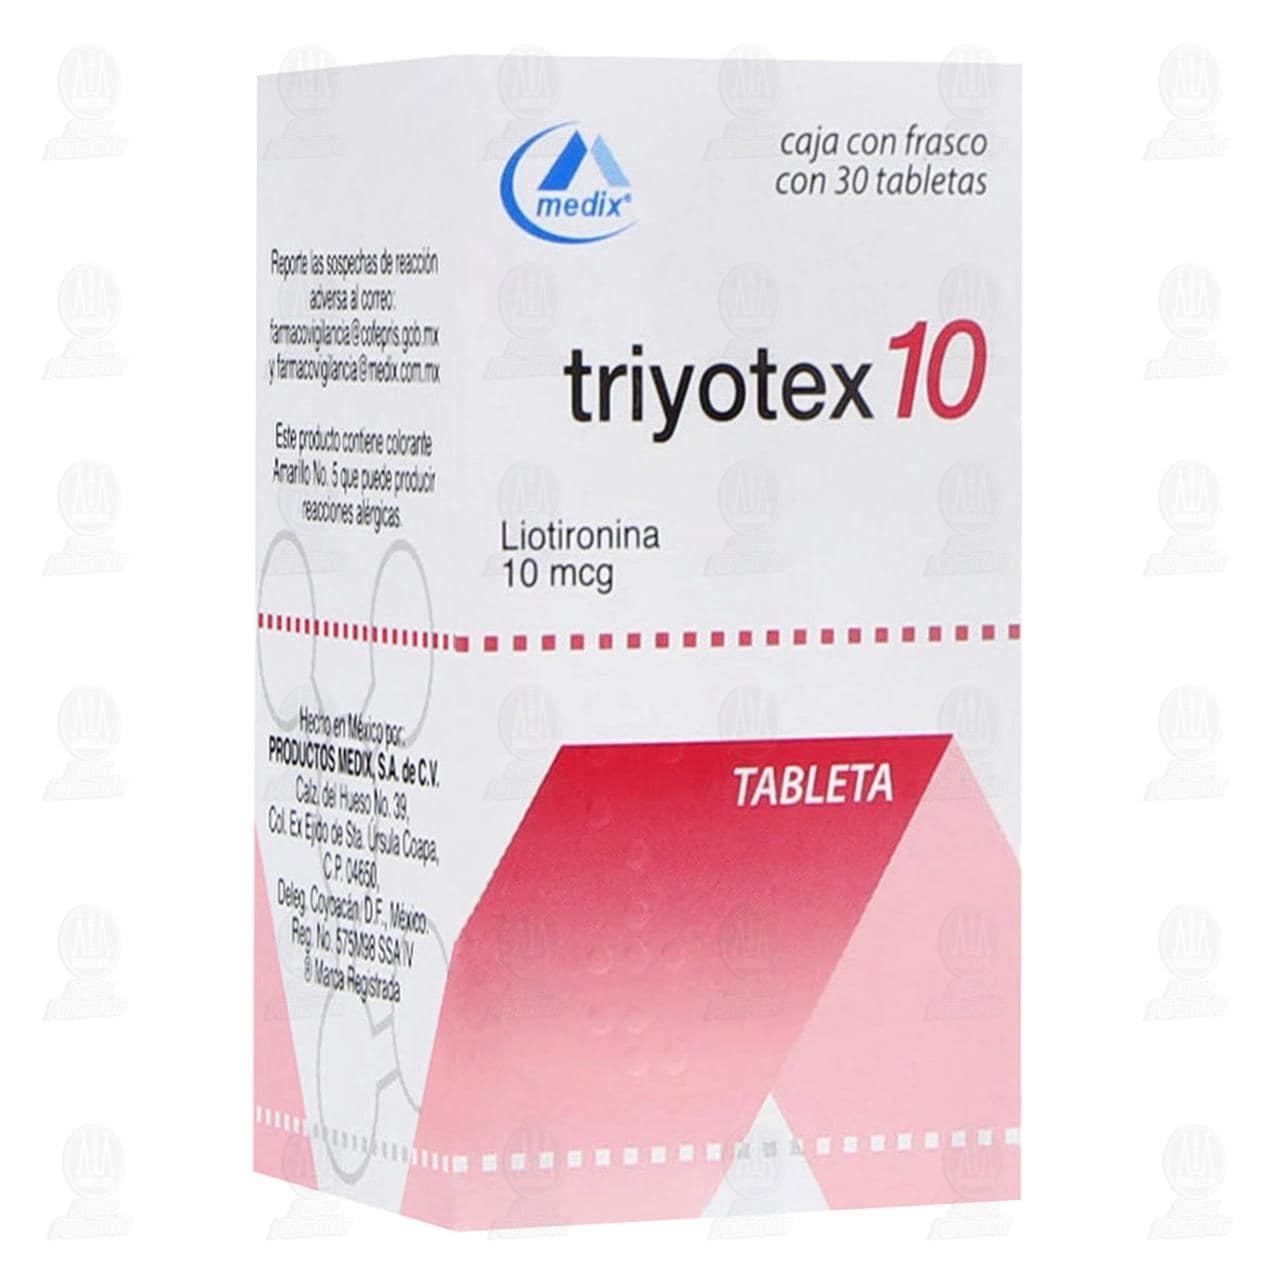 Comprar Triyotex10 30 Tabletas 10mcg en Farmacias Guadalajara